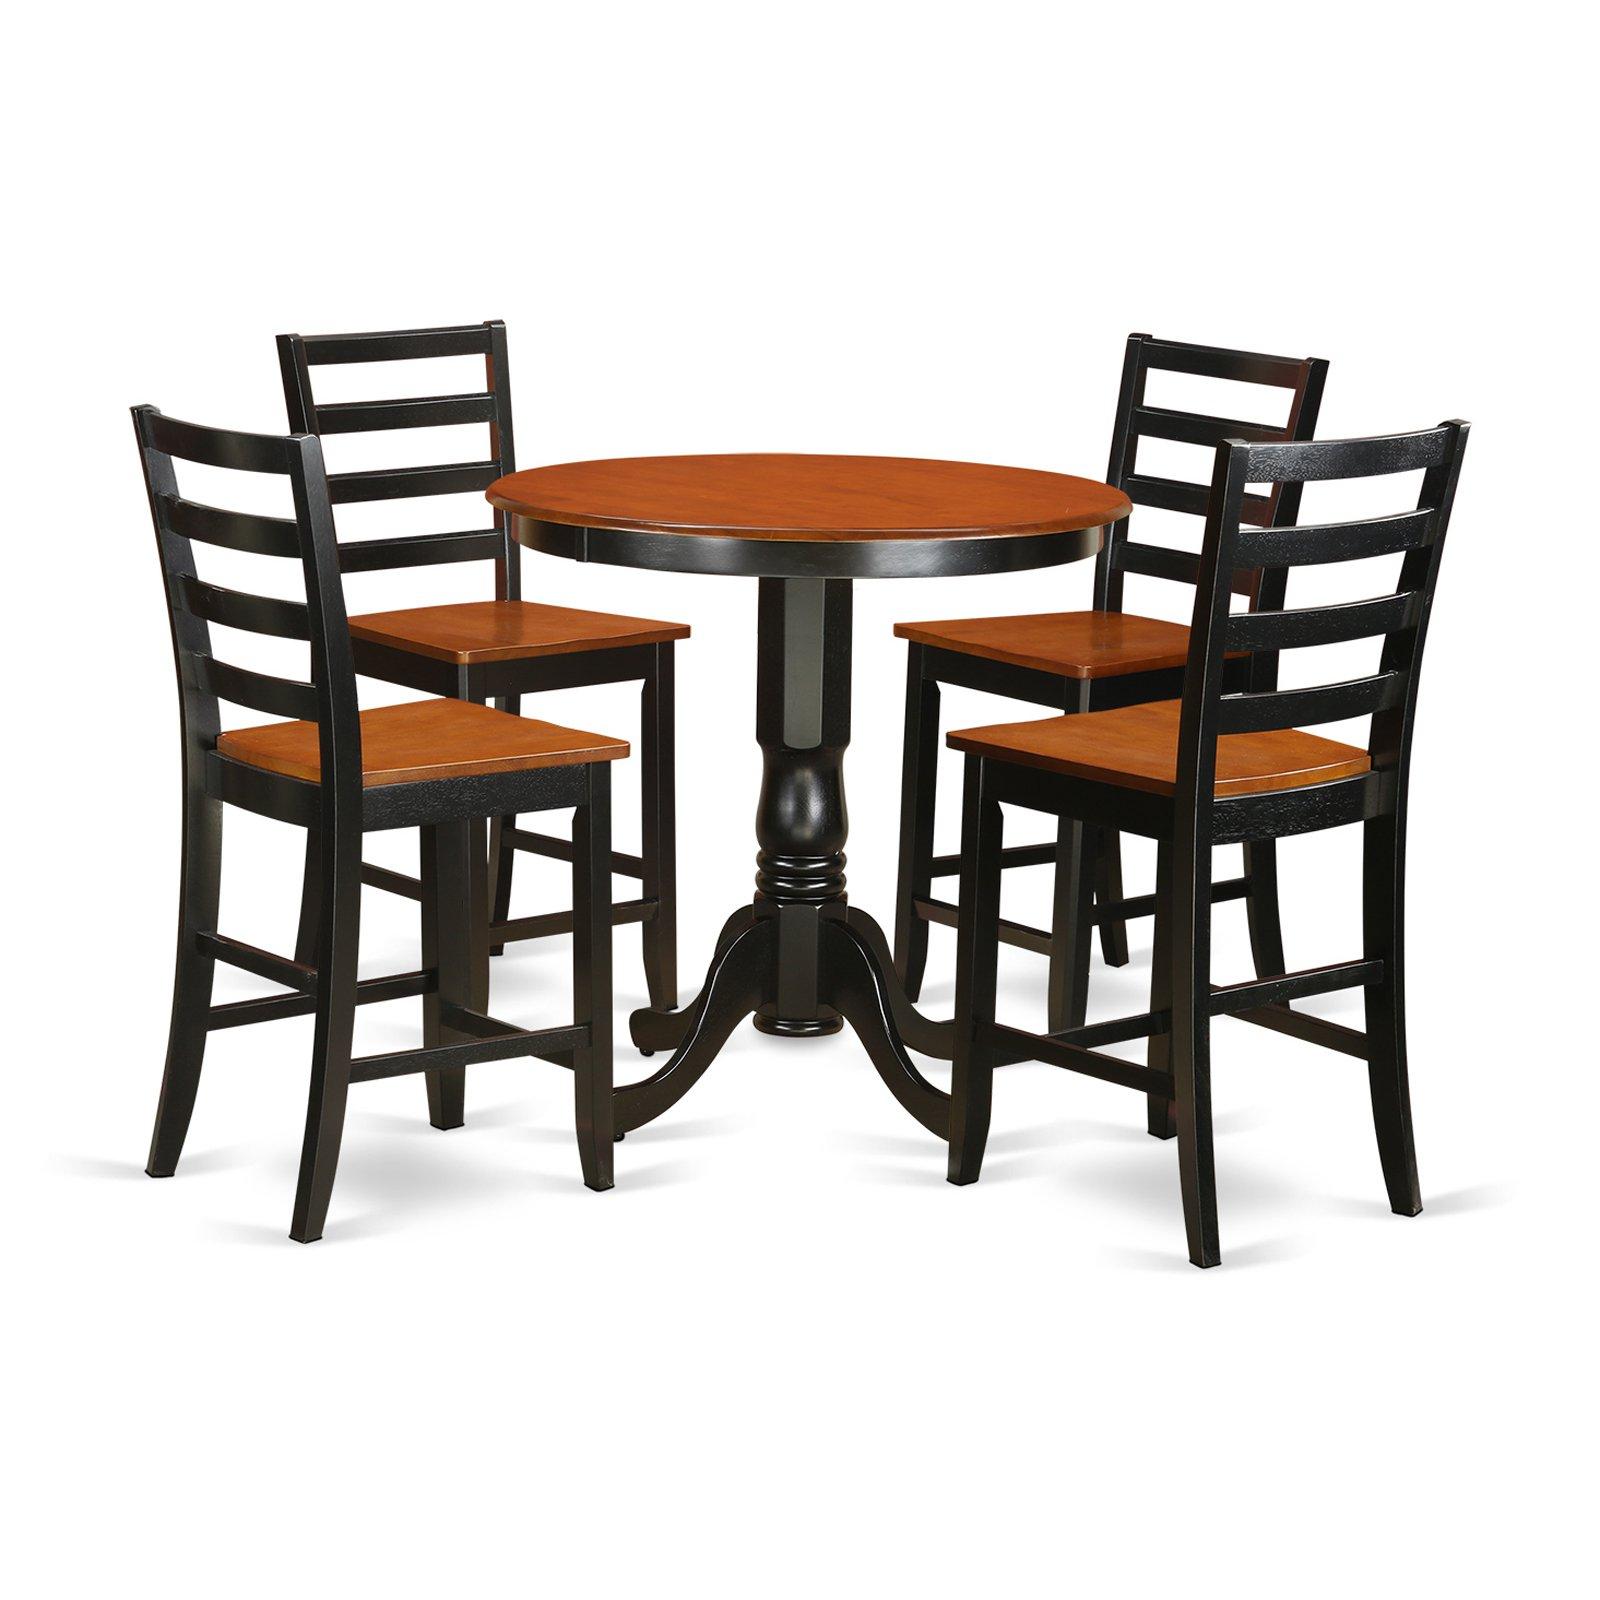 East West Furniture Jackson 5 Piece Ladder Back Dining Table Set